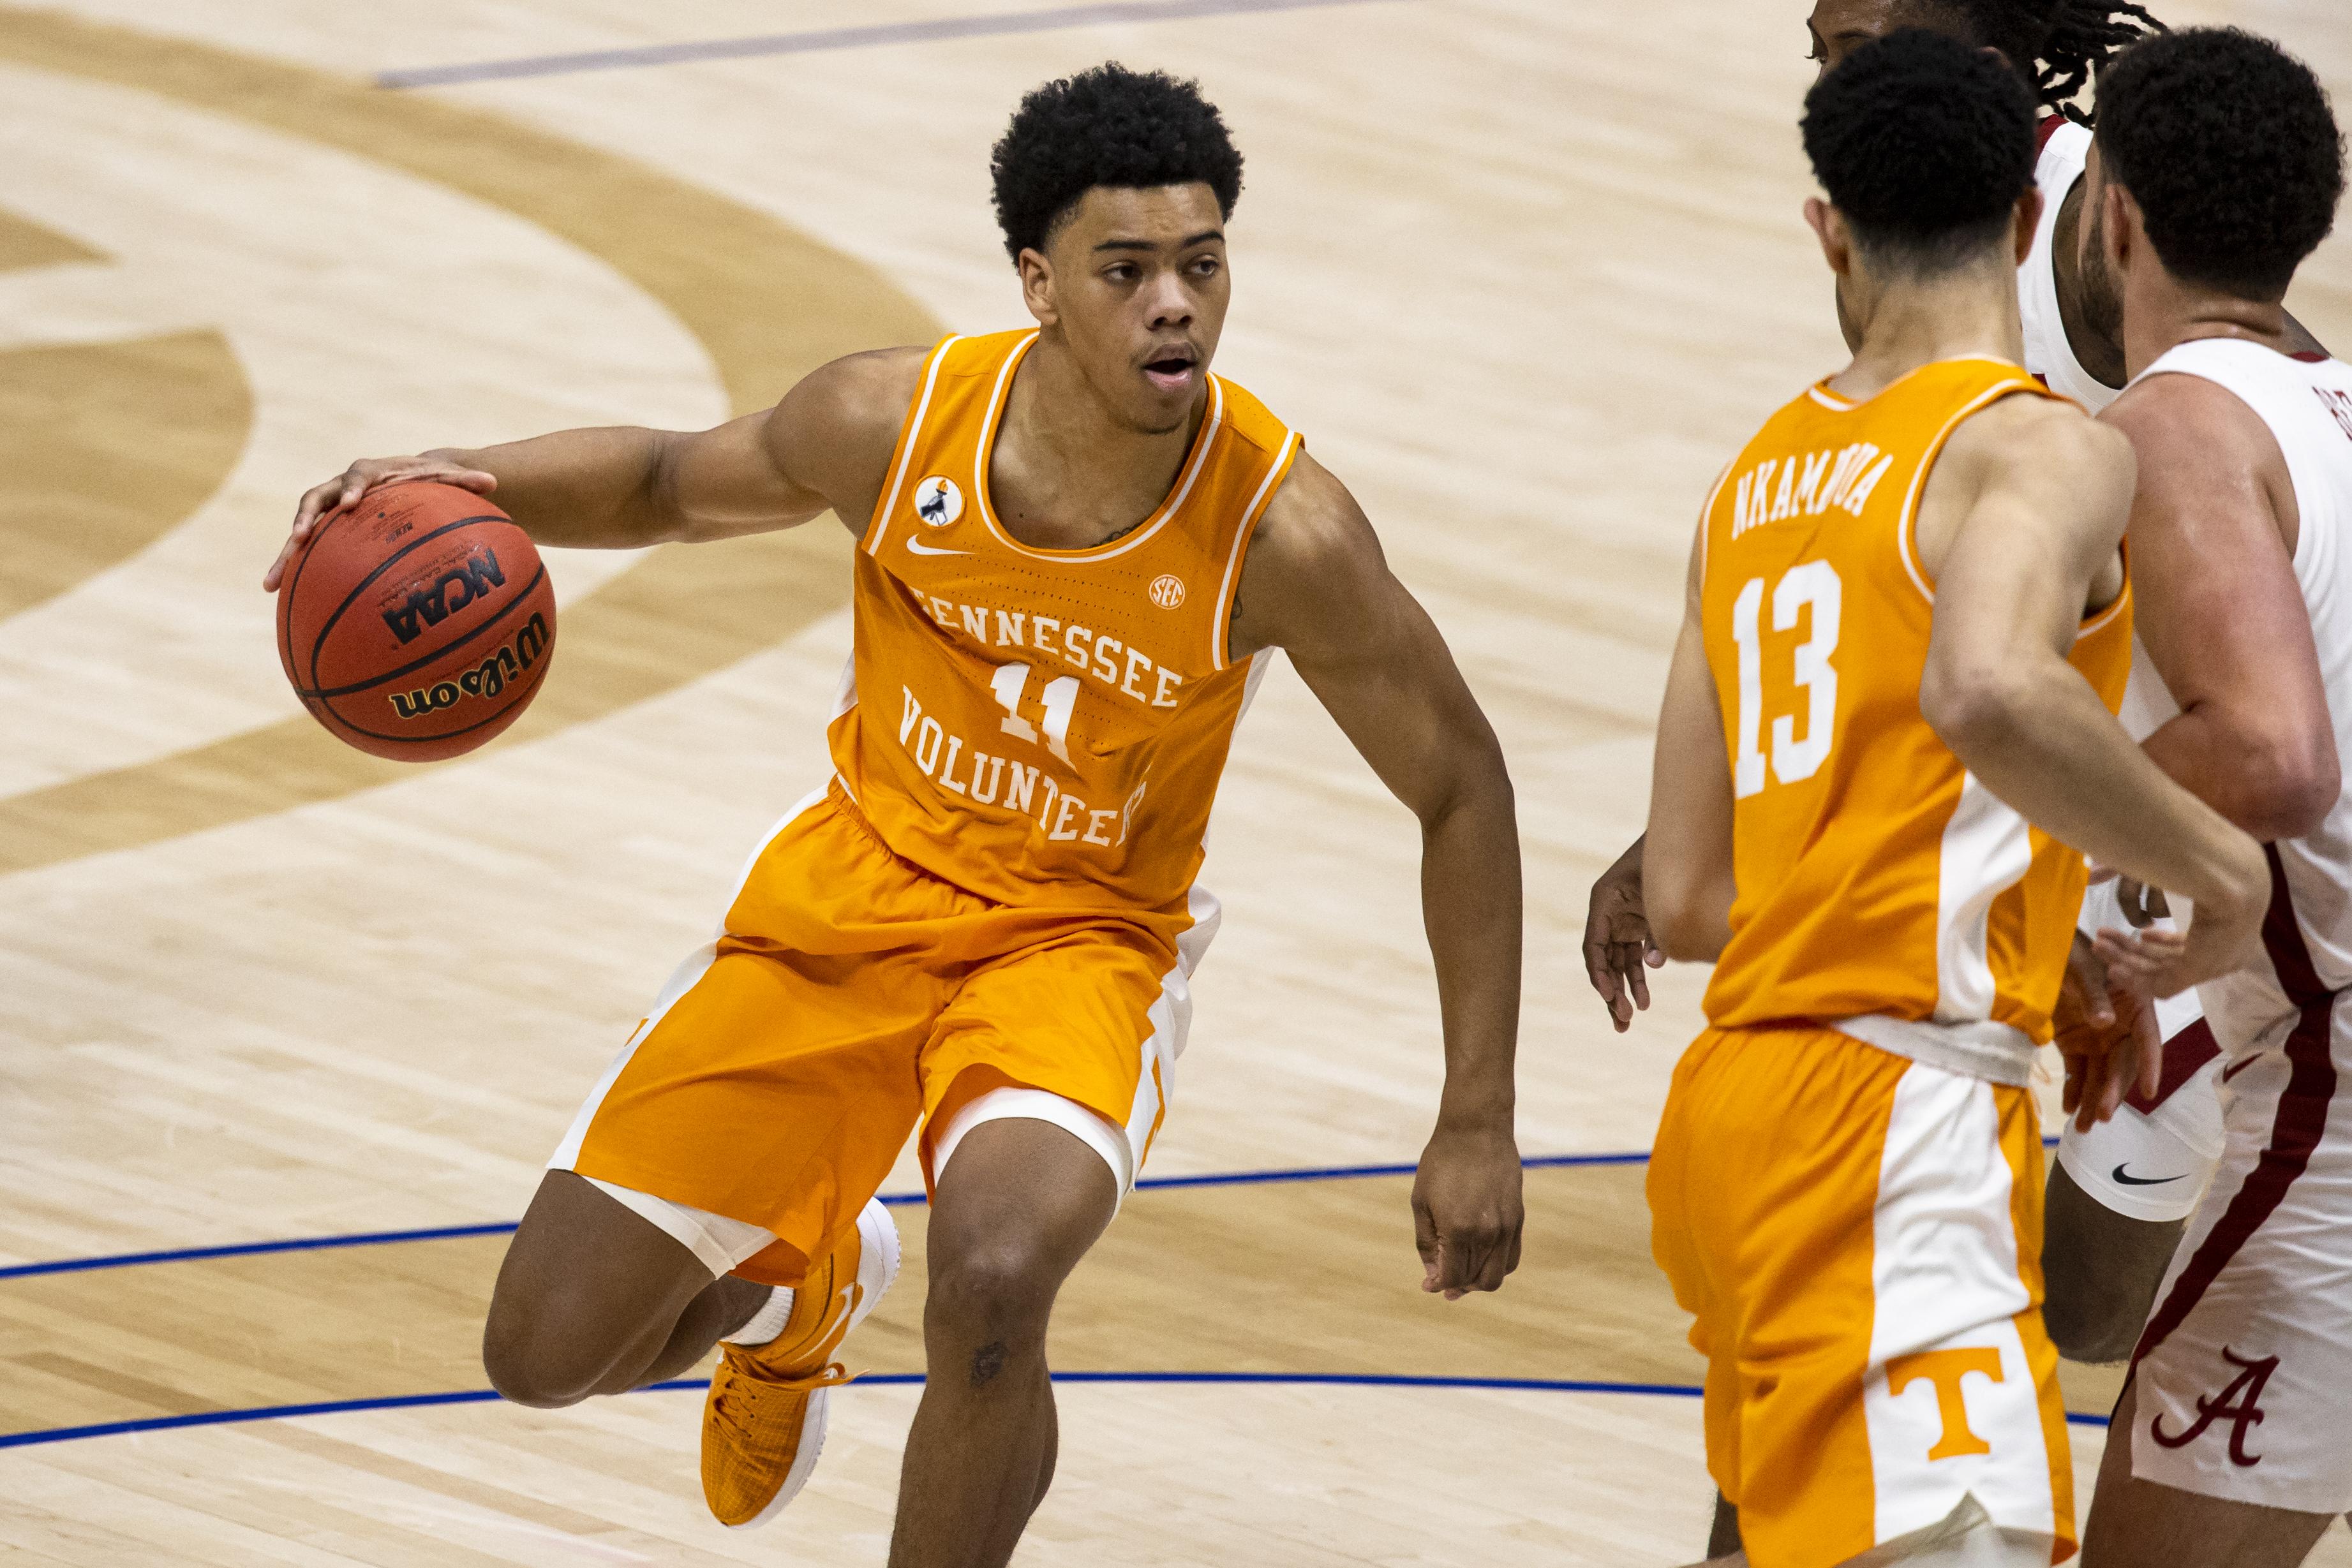 SEC Men's Basketball Tournament - Alabama v Tennessee